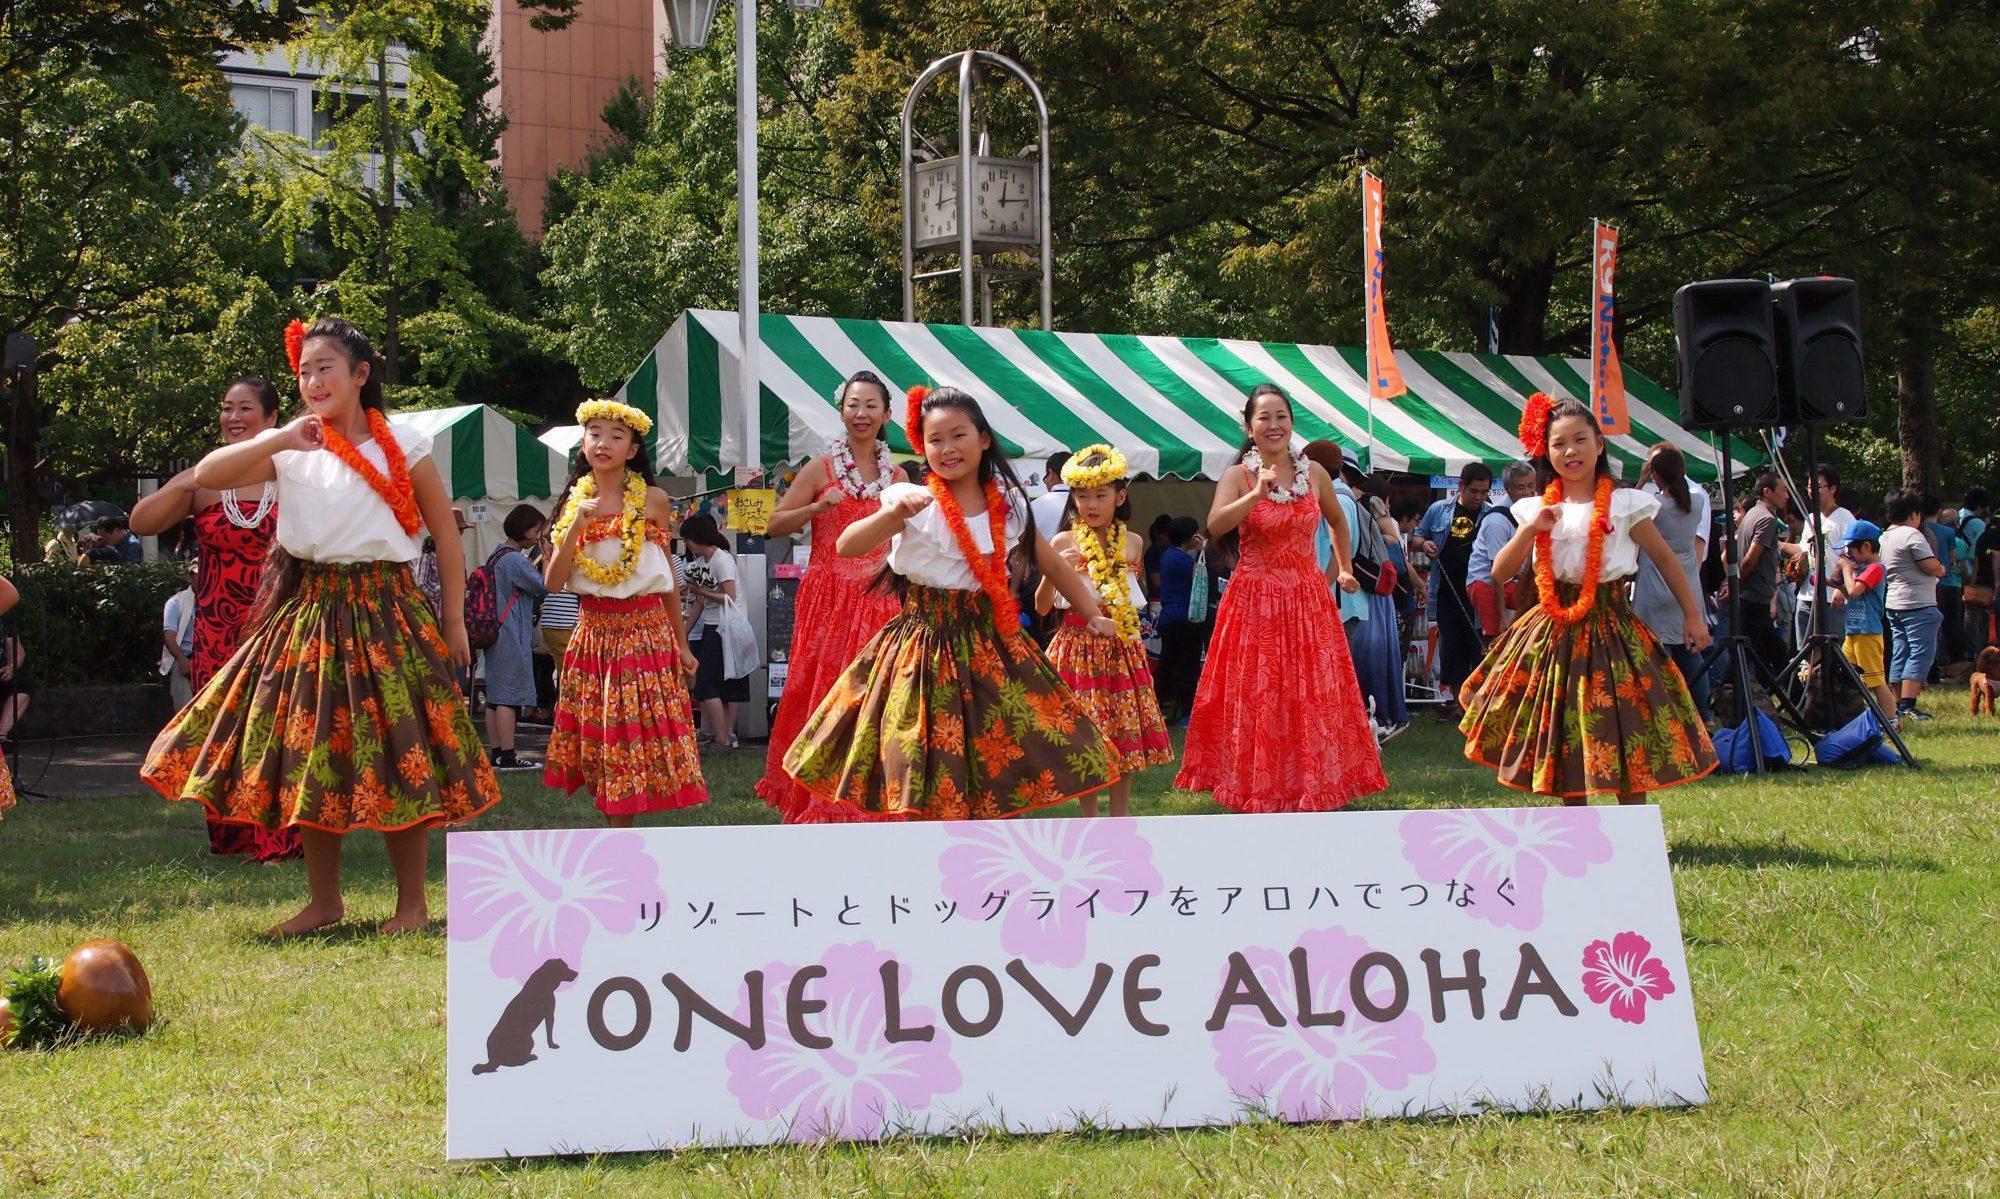 ONE LOVE ALOHA 2017